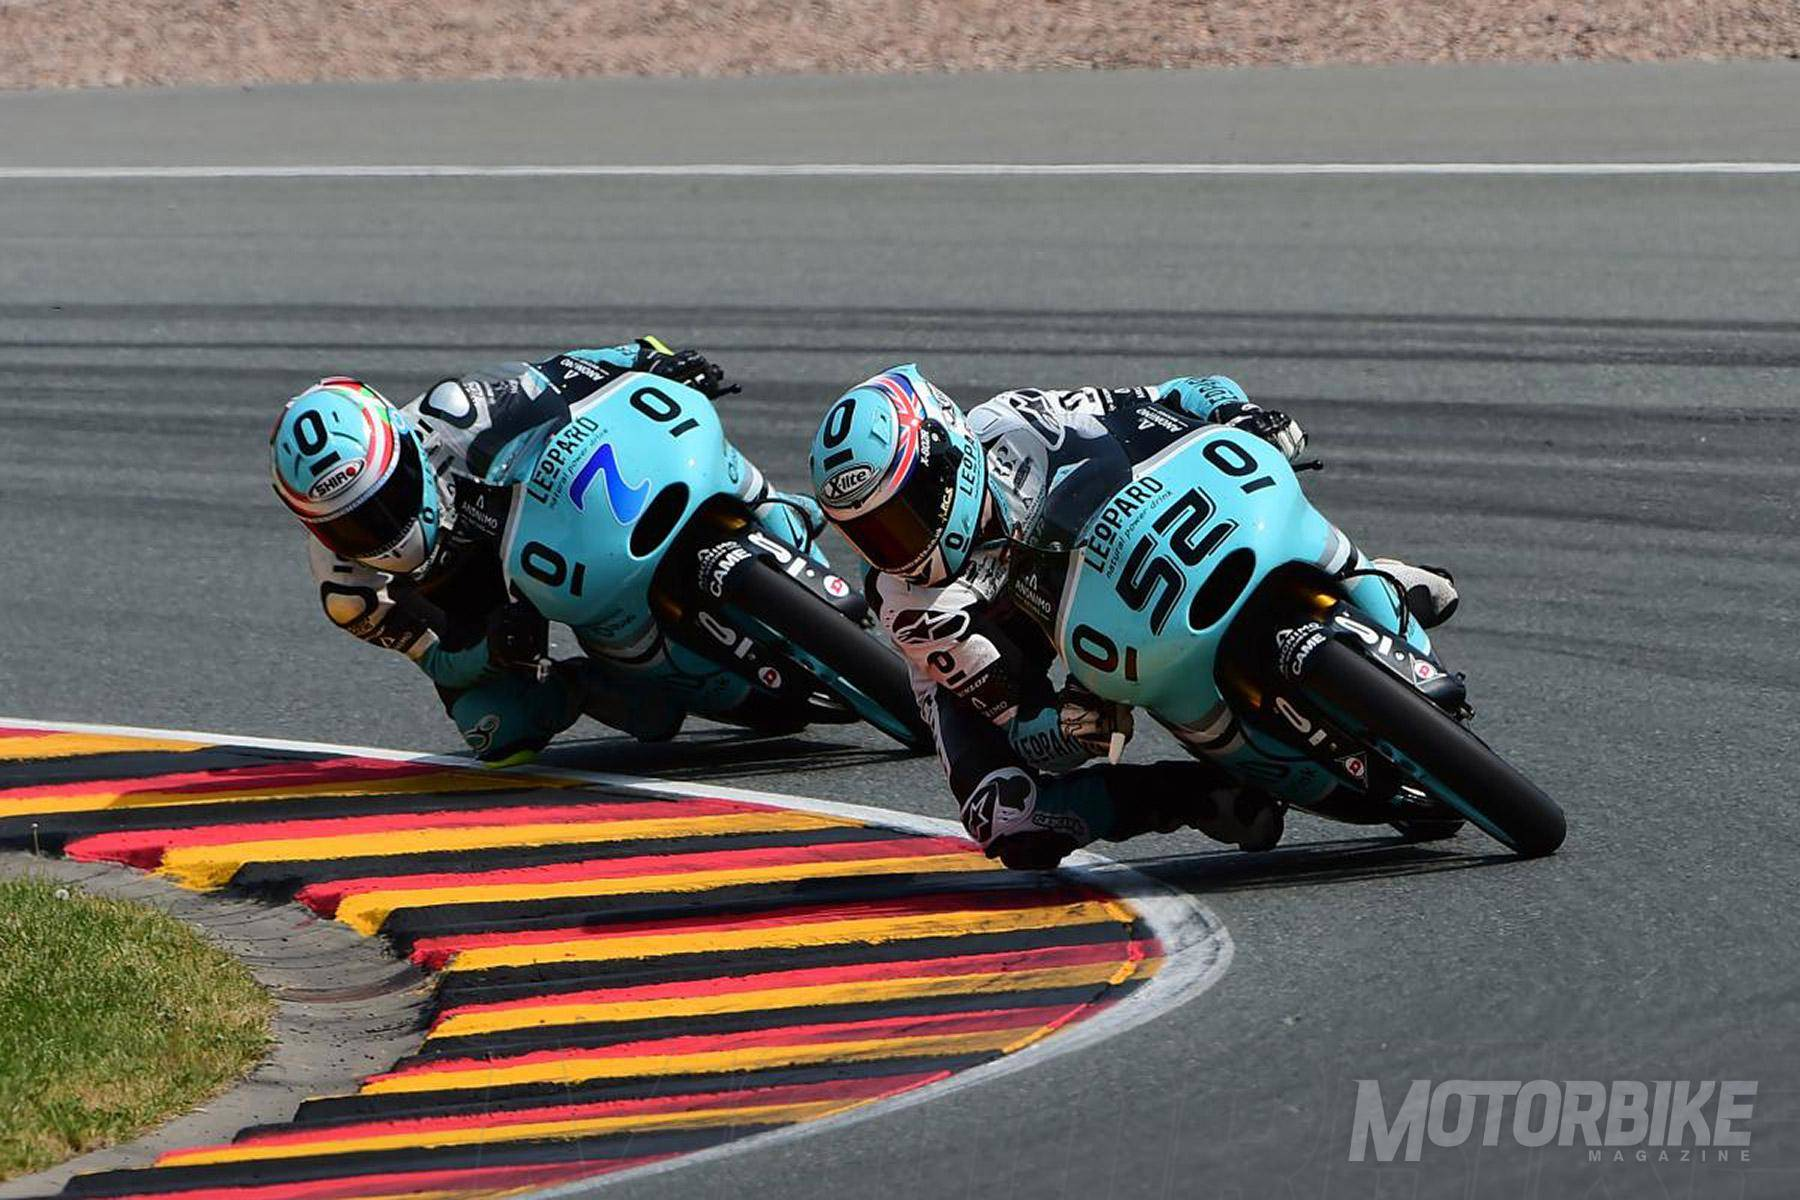 Moto3 Sachsenring 2015 - Motorbike Magazine